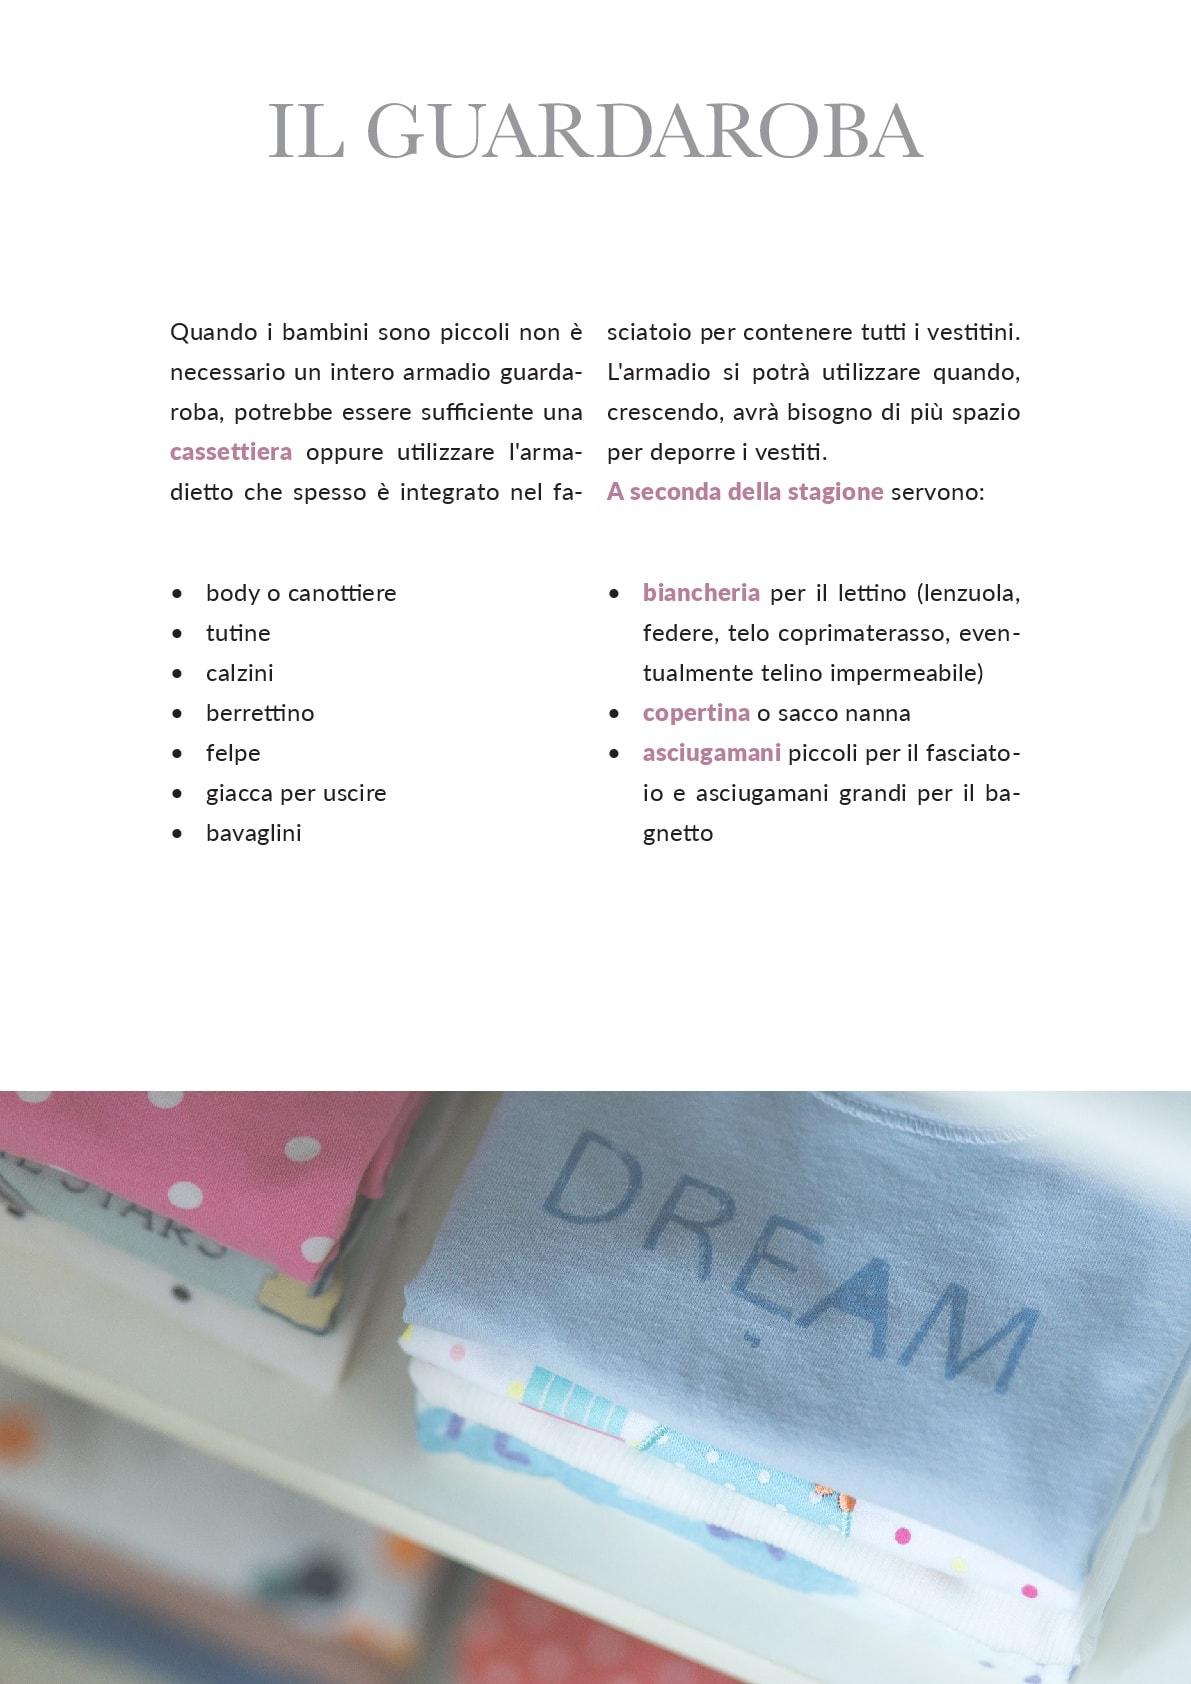 Calendario Esami Gravidanza Pdf.Quaderno Per Organizzarsi In Gravidanza